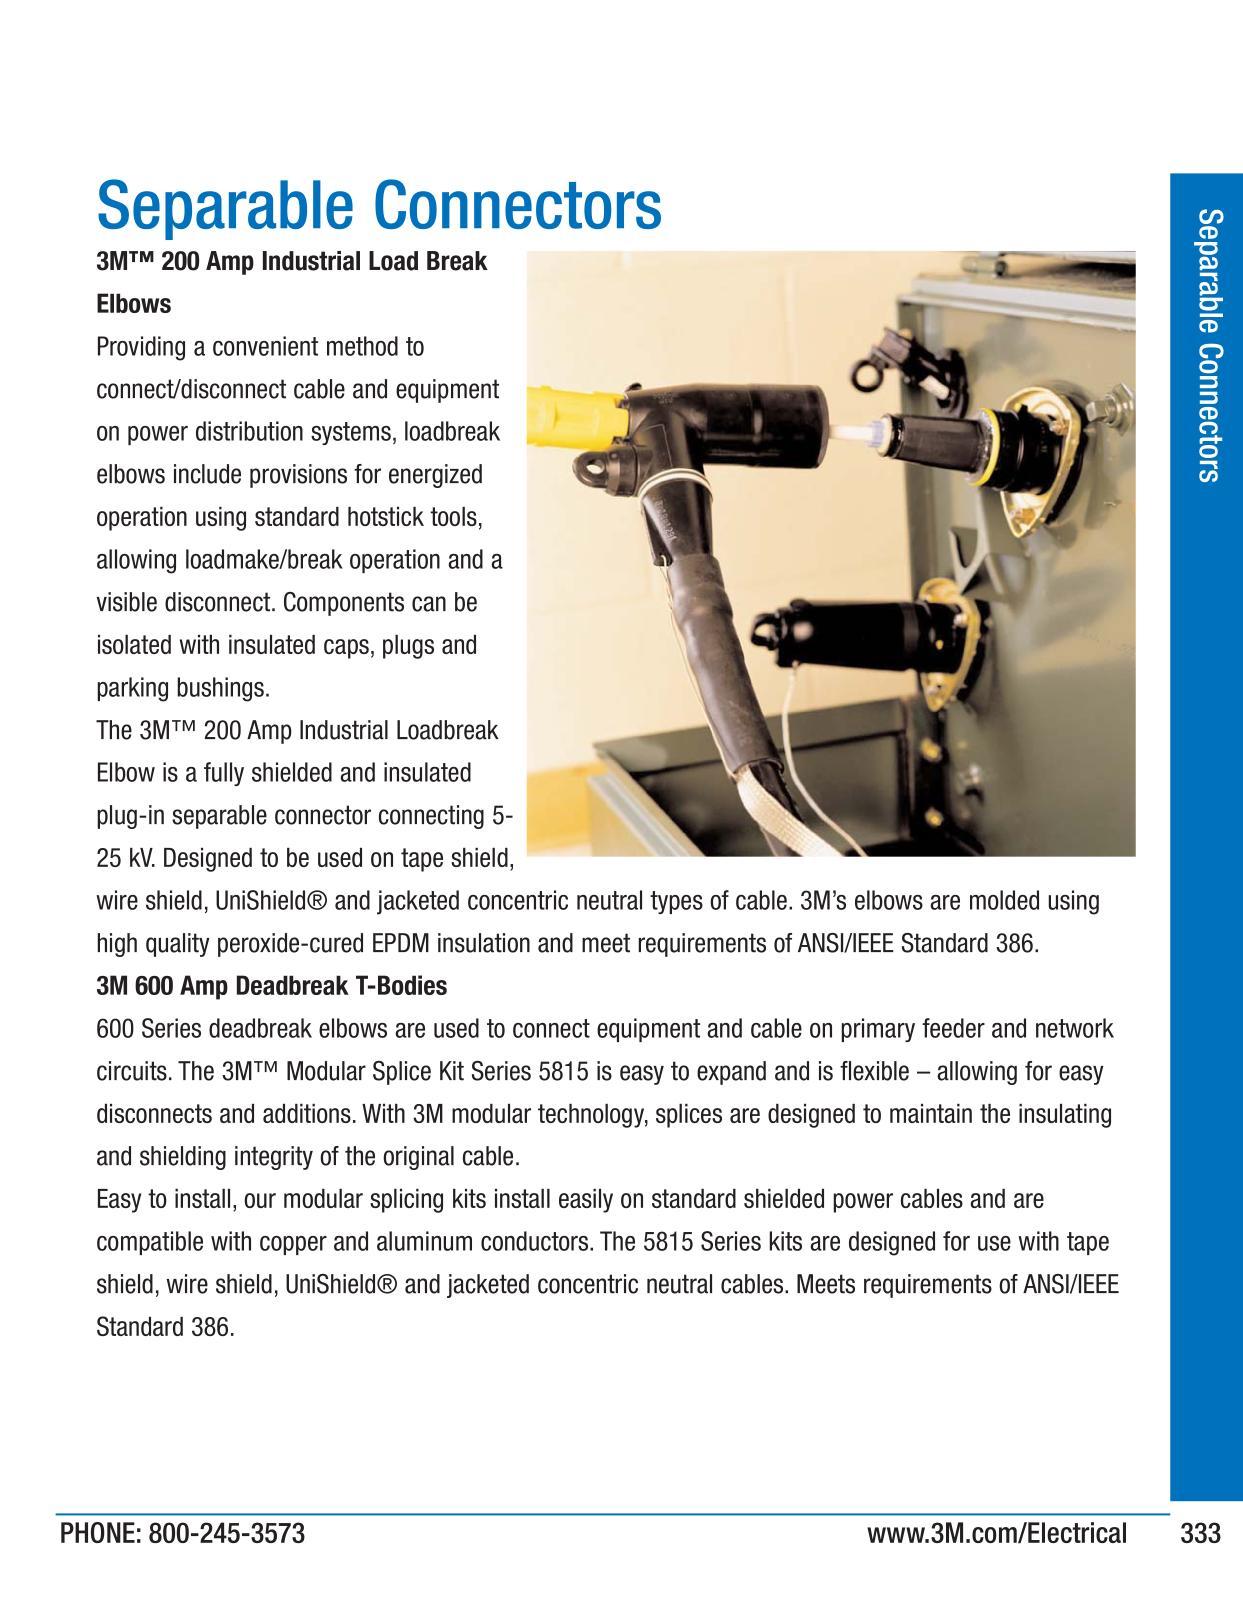 Separable Connectors - 3M Big Deal Promotion Page 333